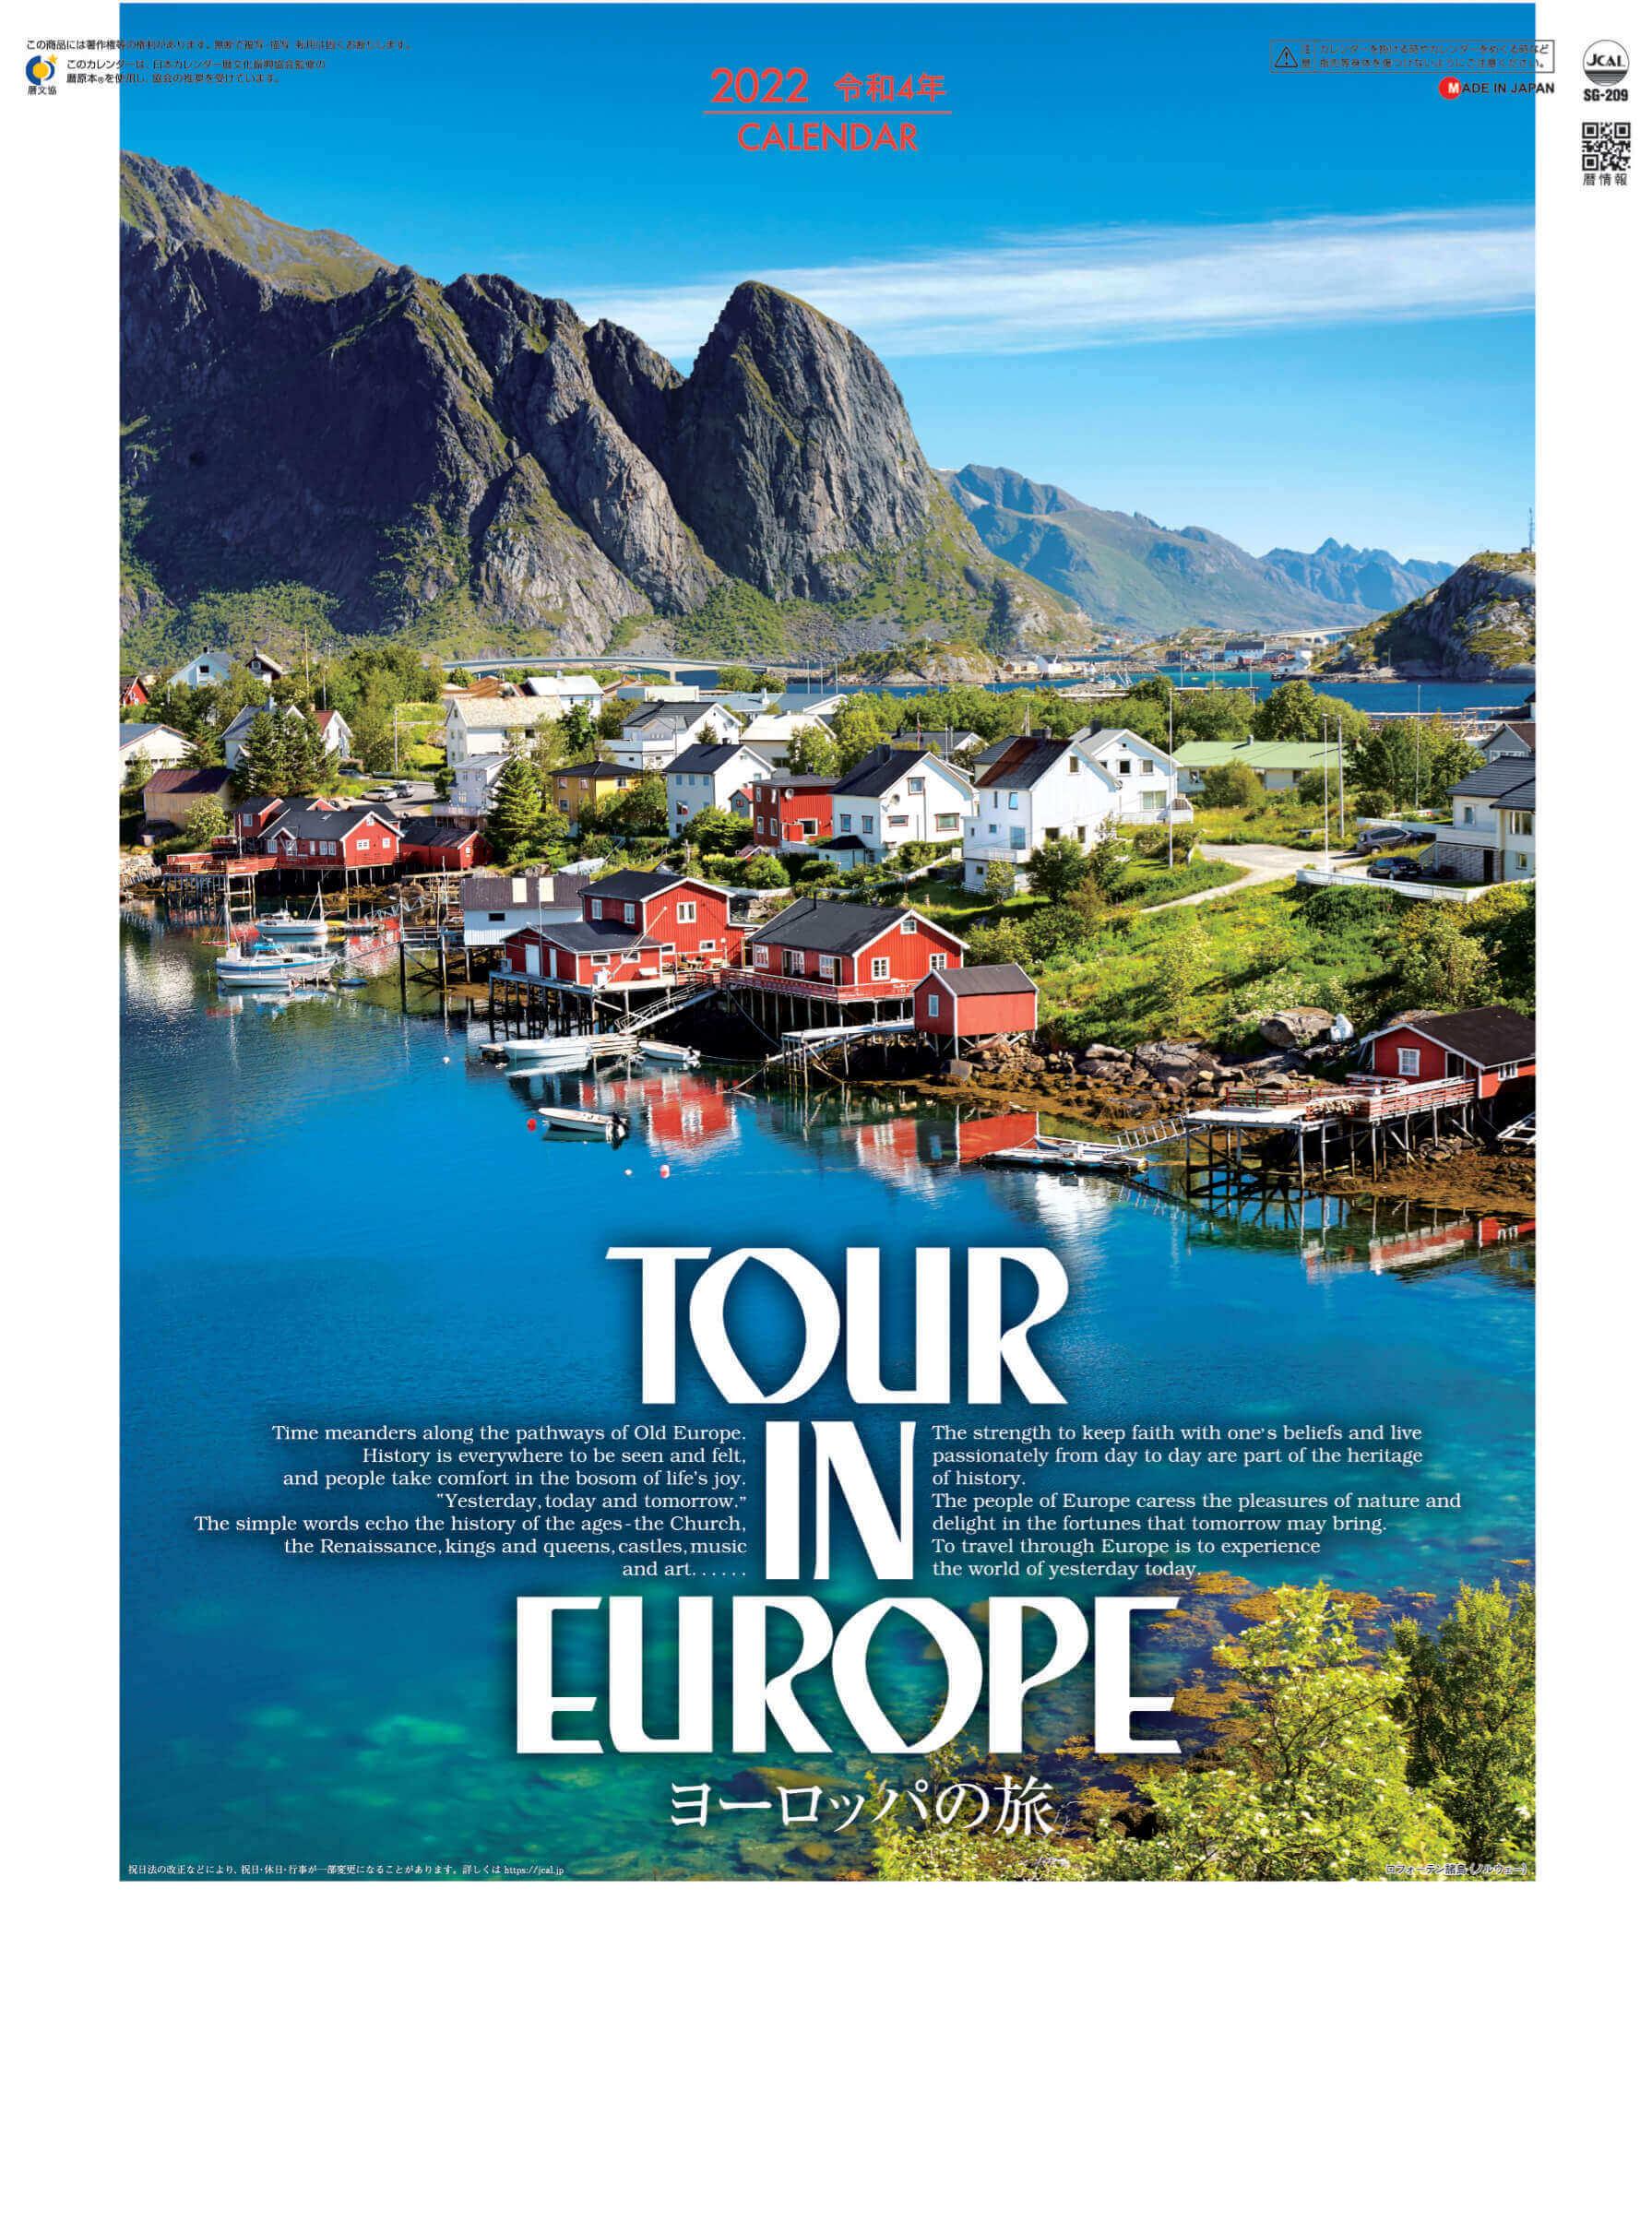 ヨーロッパの旅 2022年カレンダーの画像